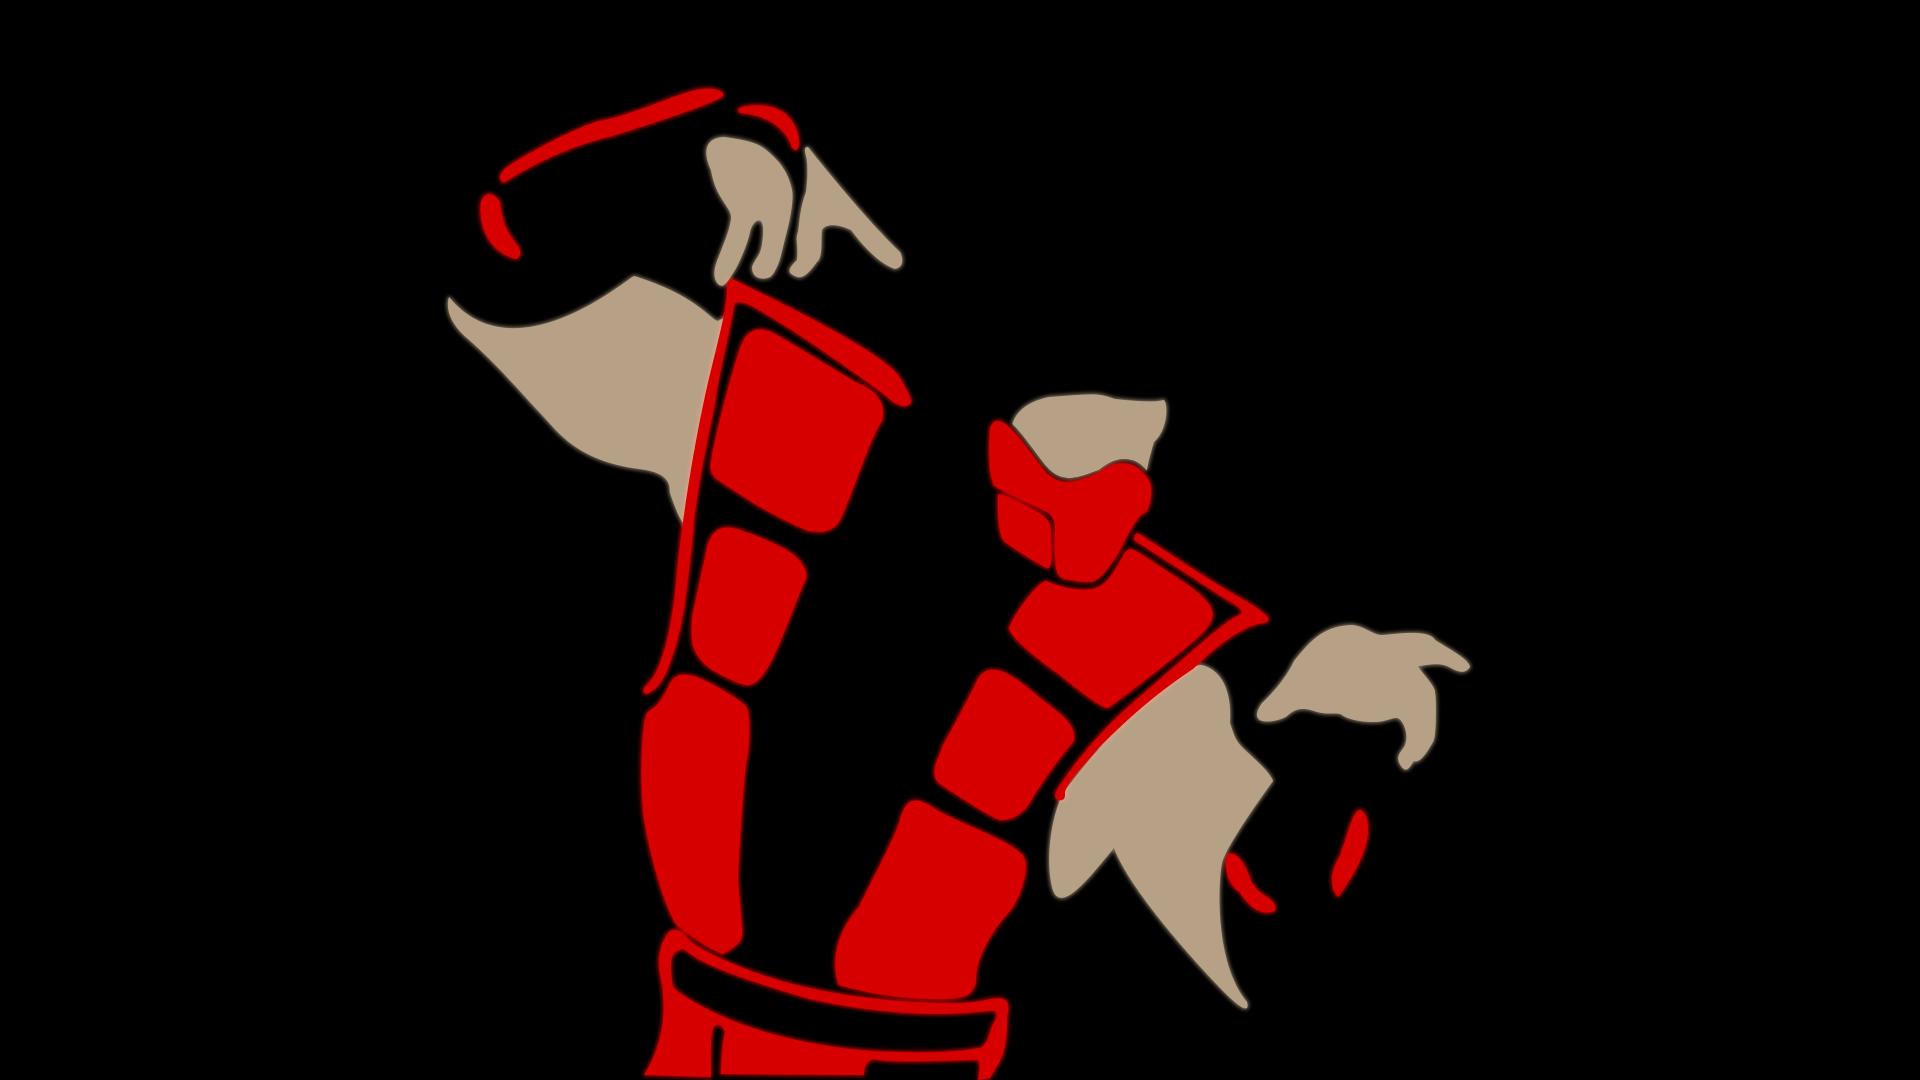 Mortal Kombat Ermac Fond Décran Hd Arrière Plan 1920x1080 Id